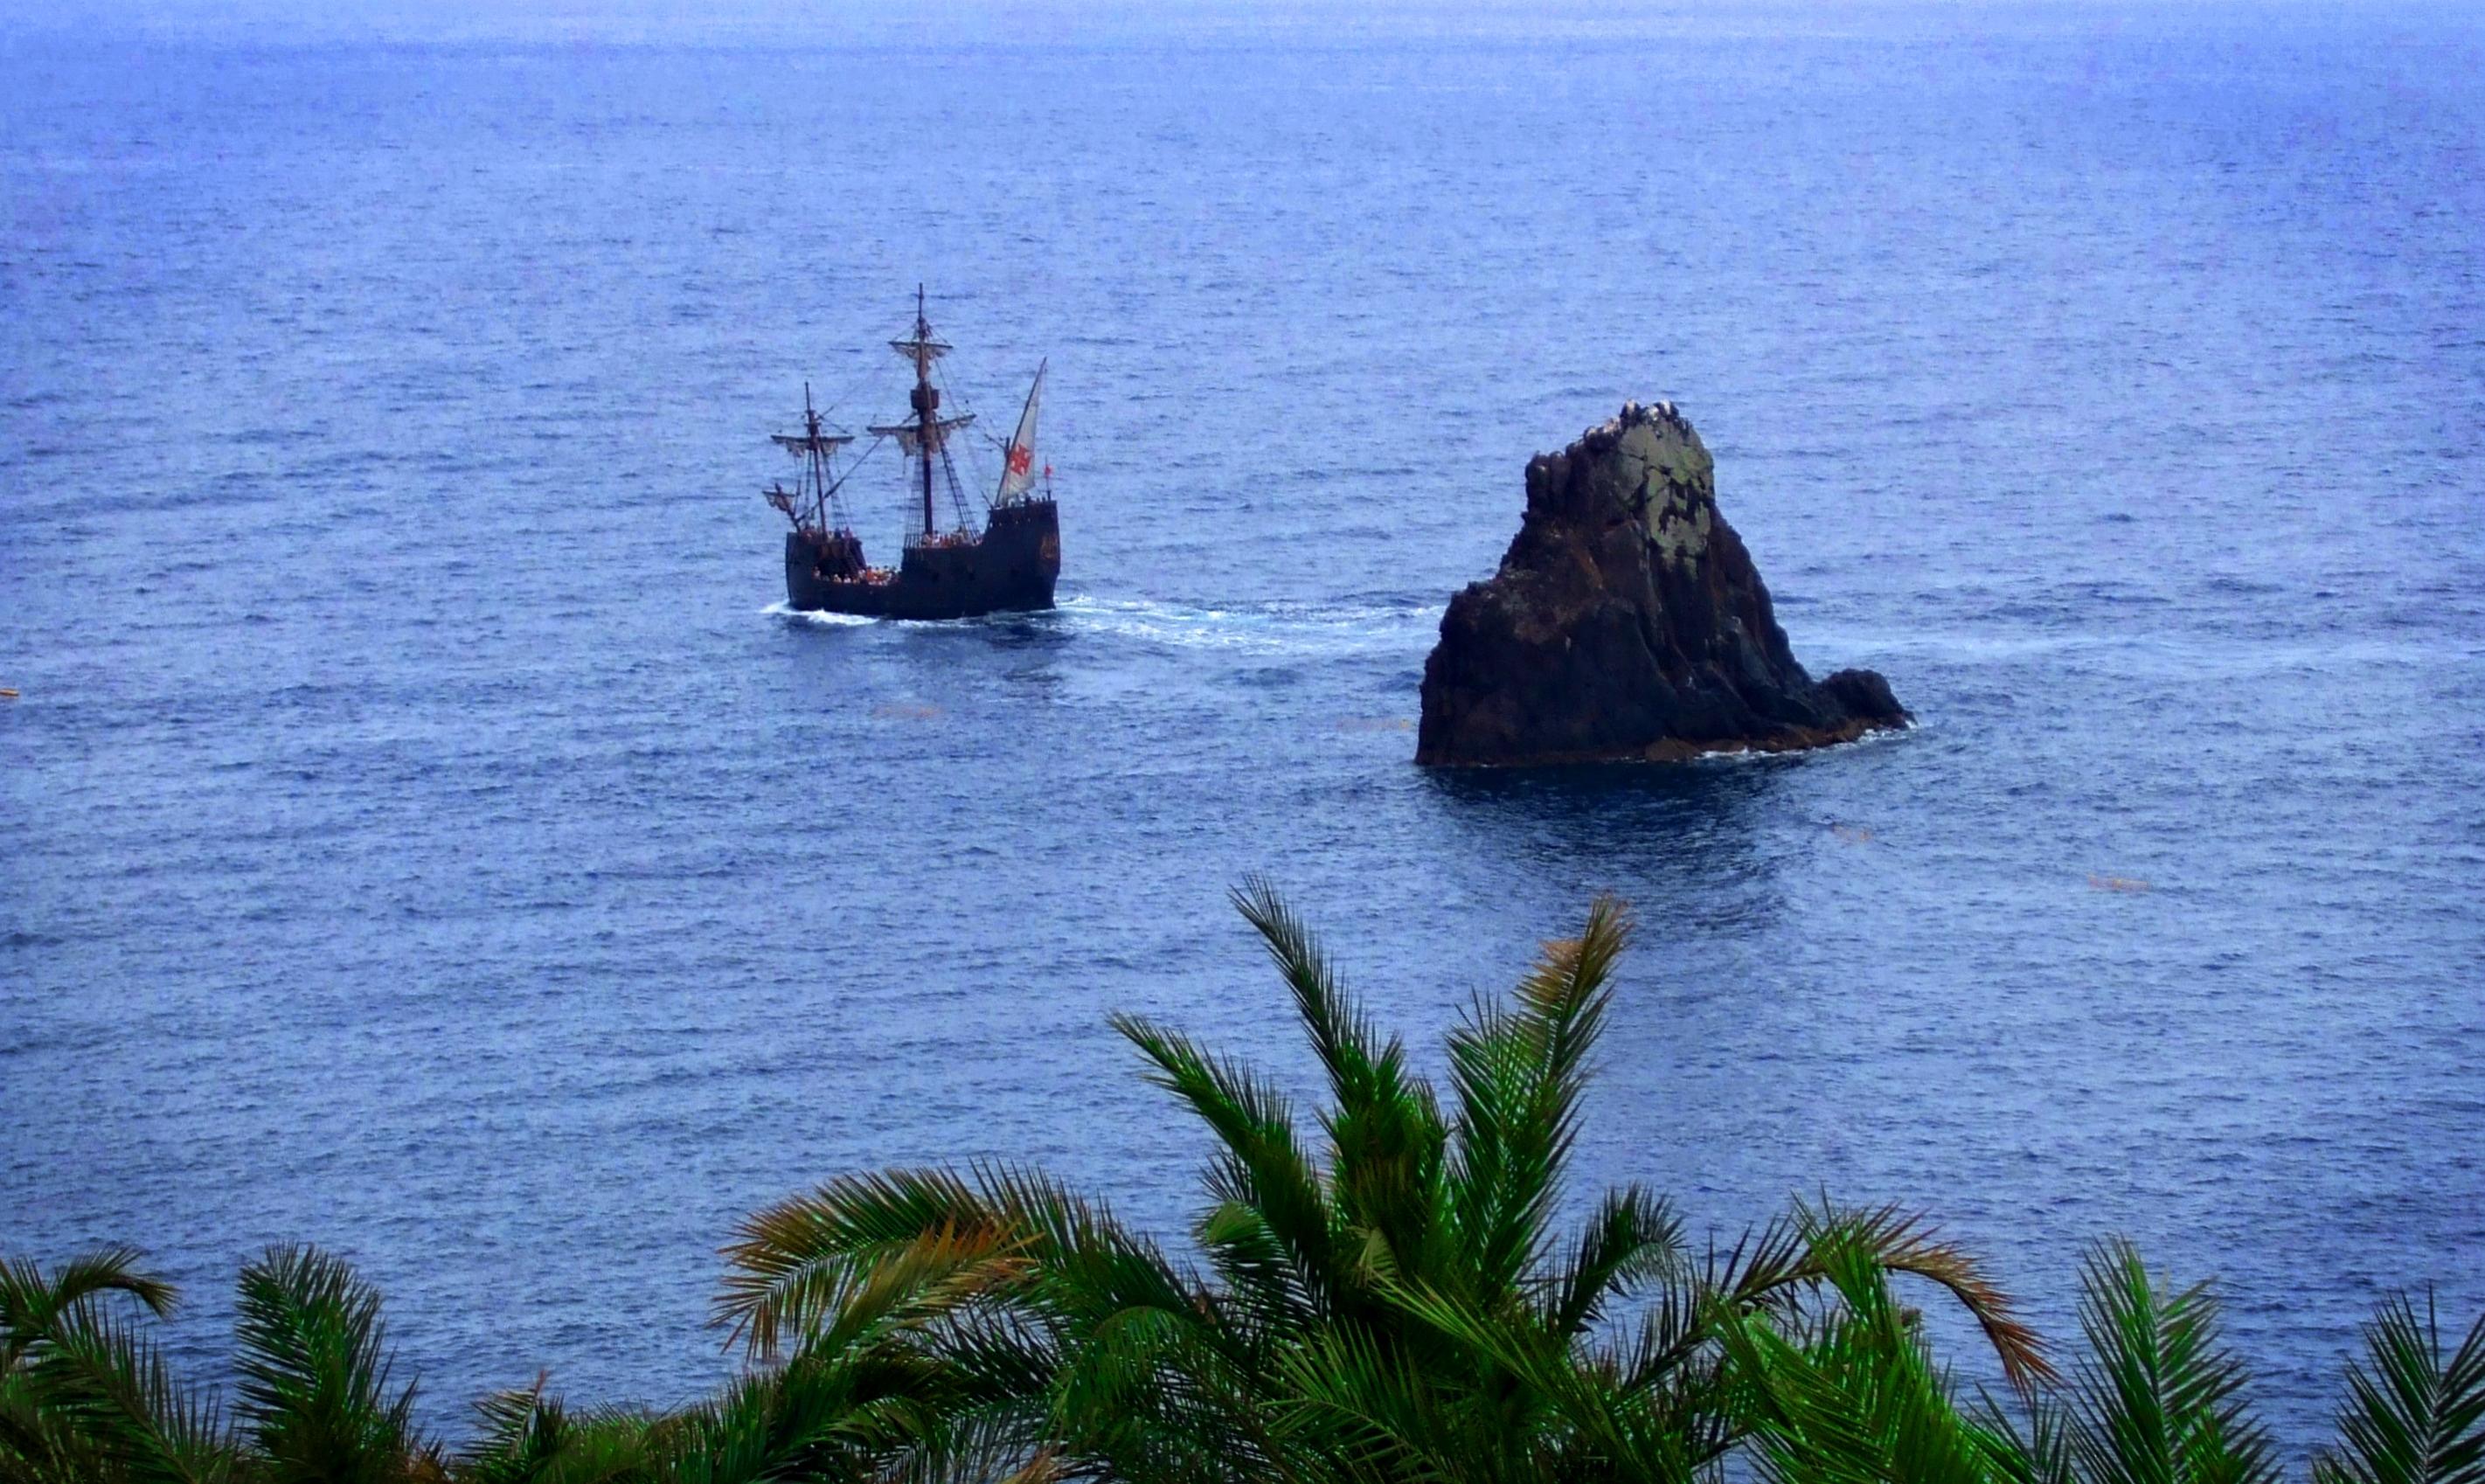 Portuguese caravel cruising the sea photo